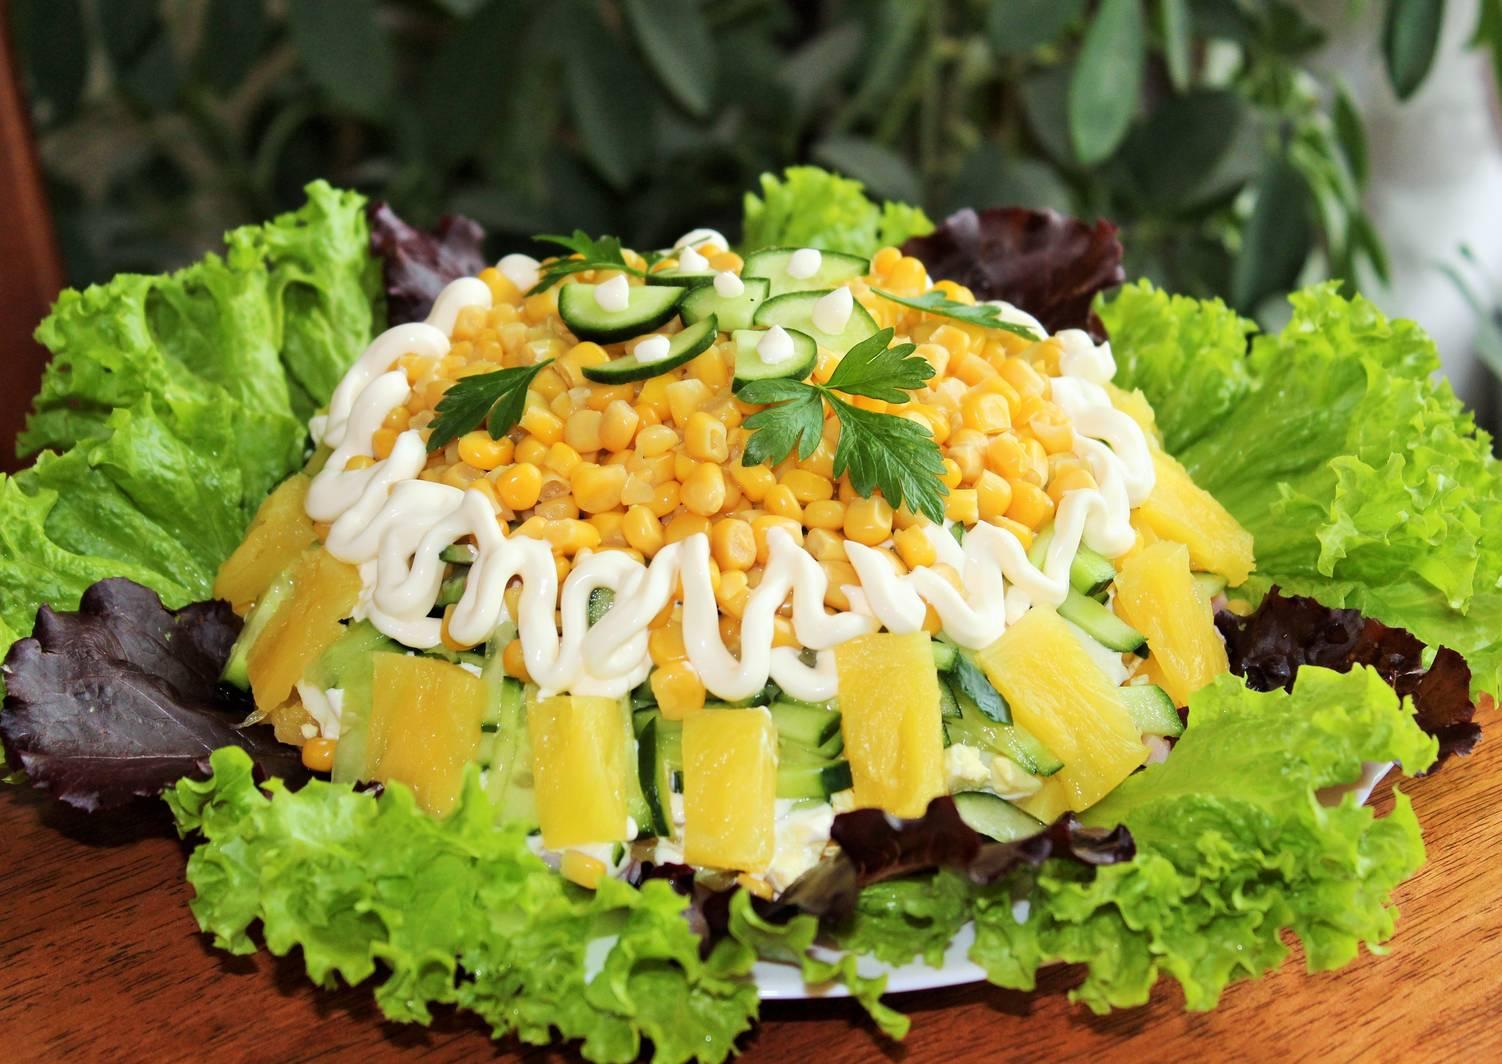 сайт салатов рецепты с фото что сможете оценить